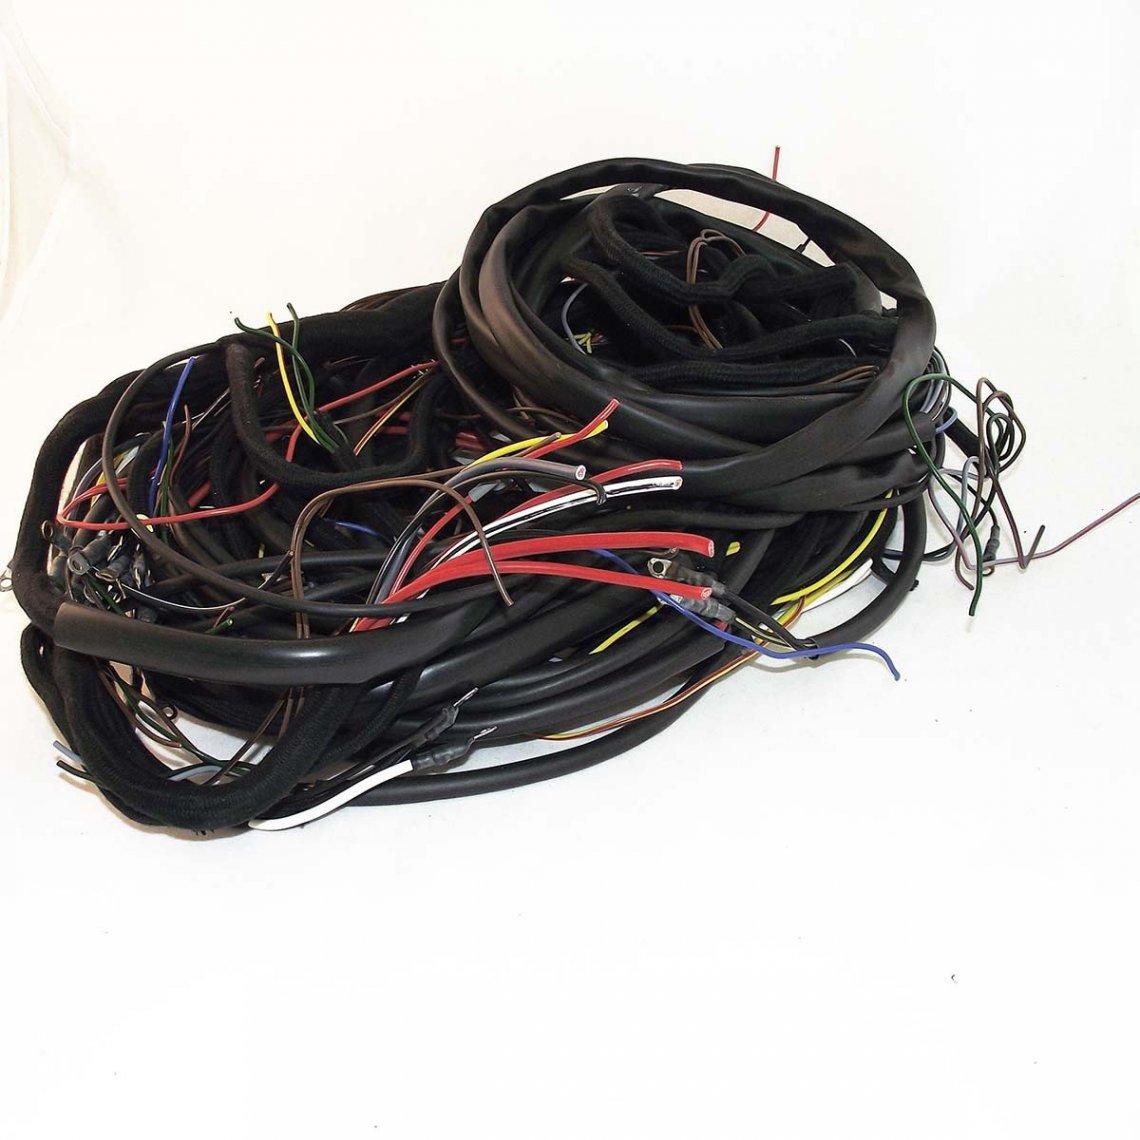 Wondrous 190Sl Wiring Harness Set Mercedes Wiring Digital Resources Millslowmaporg